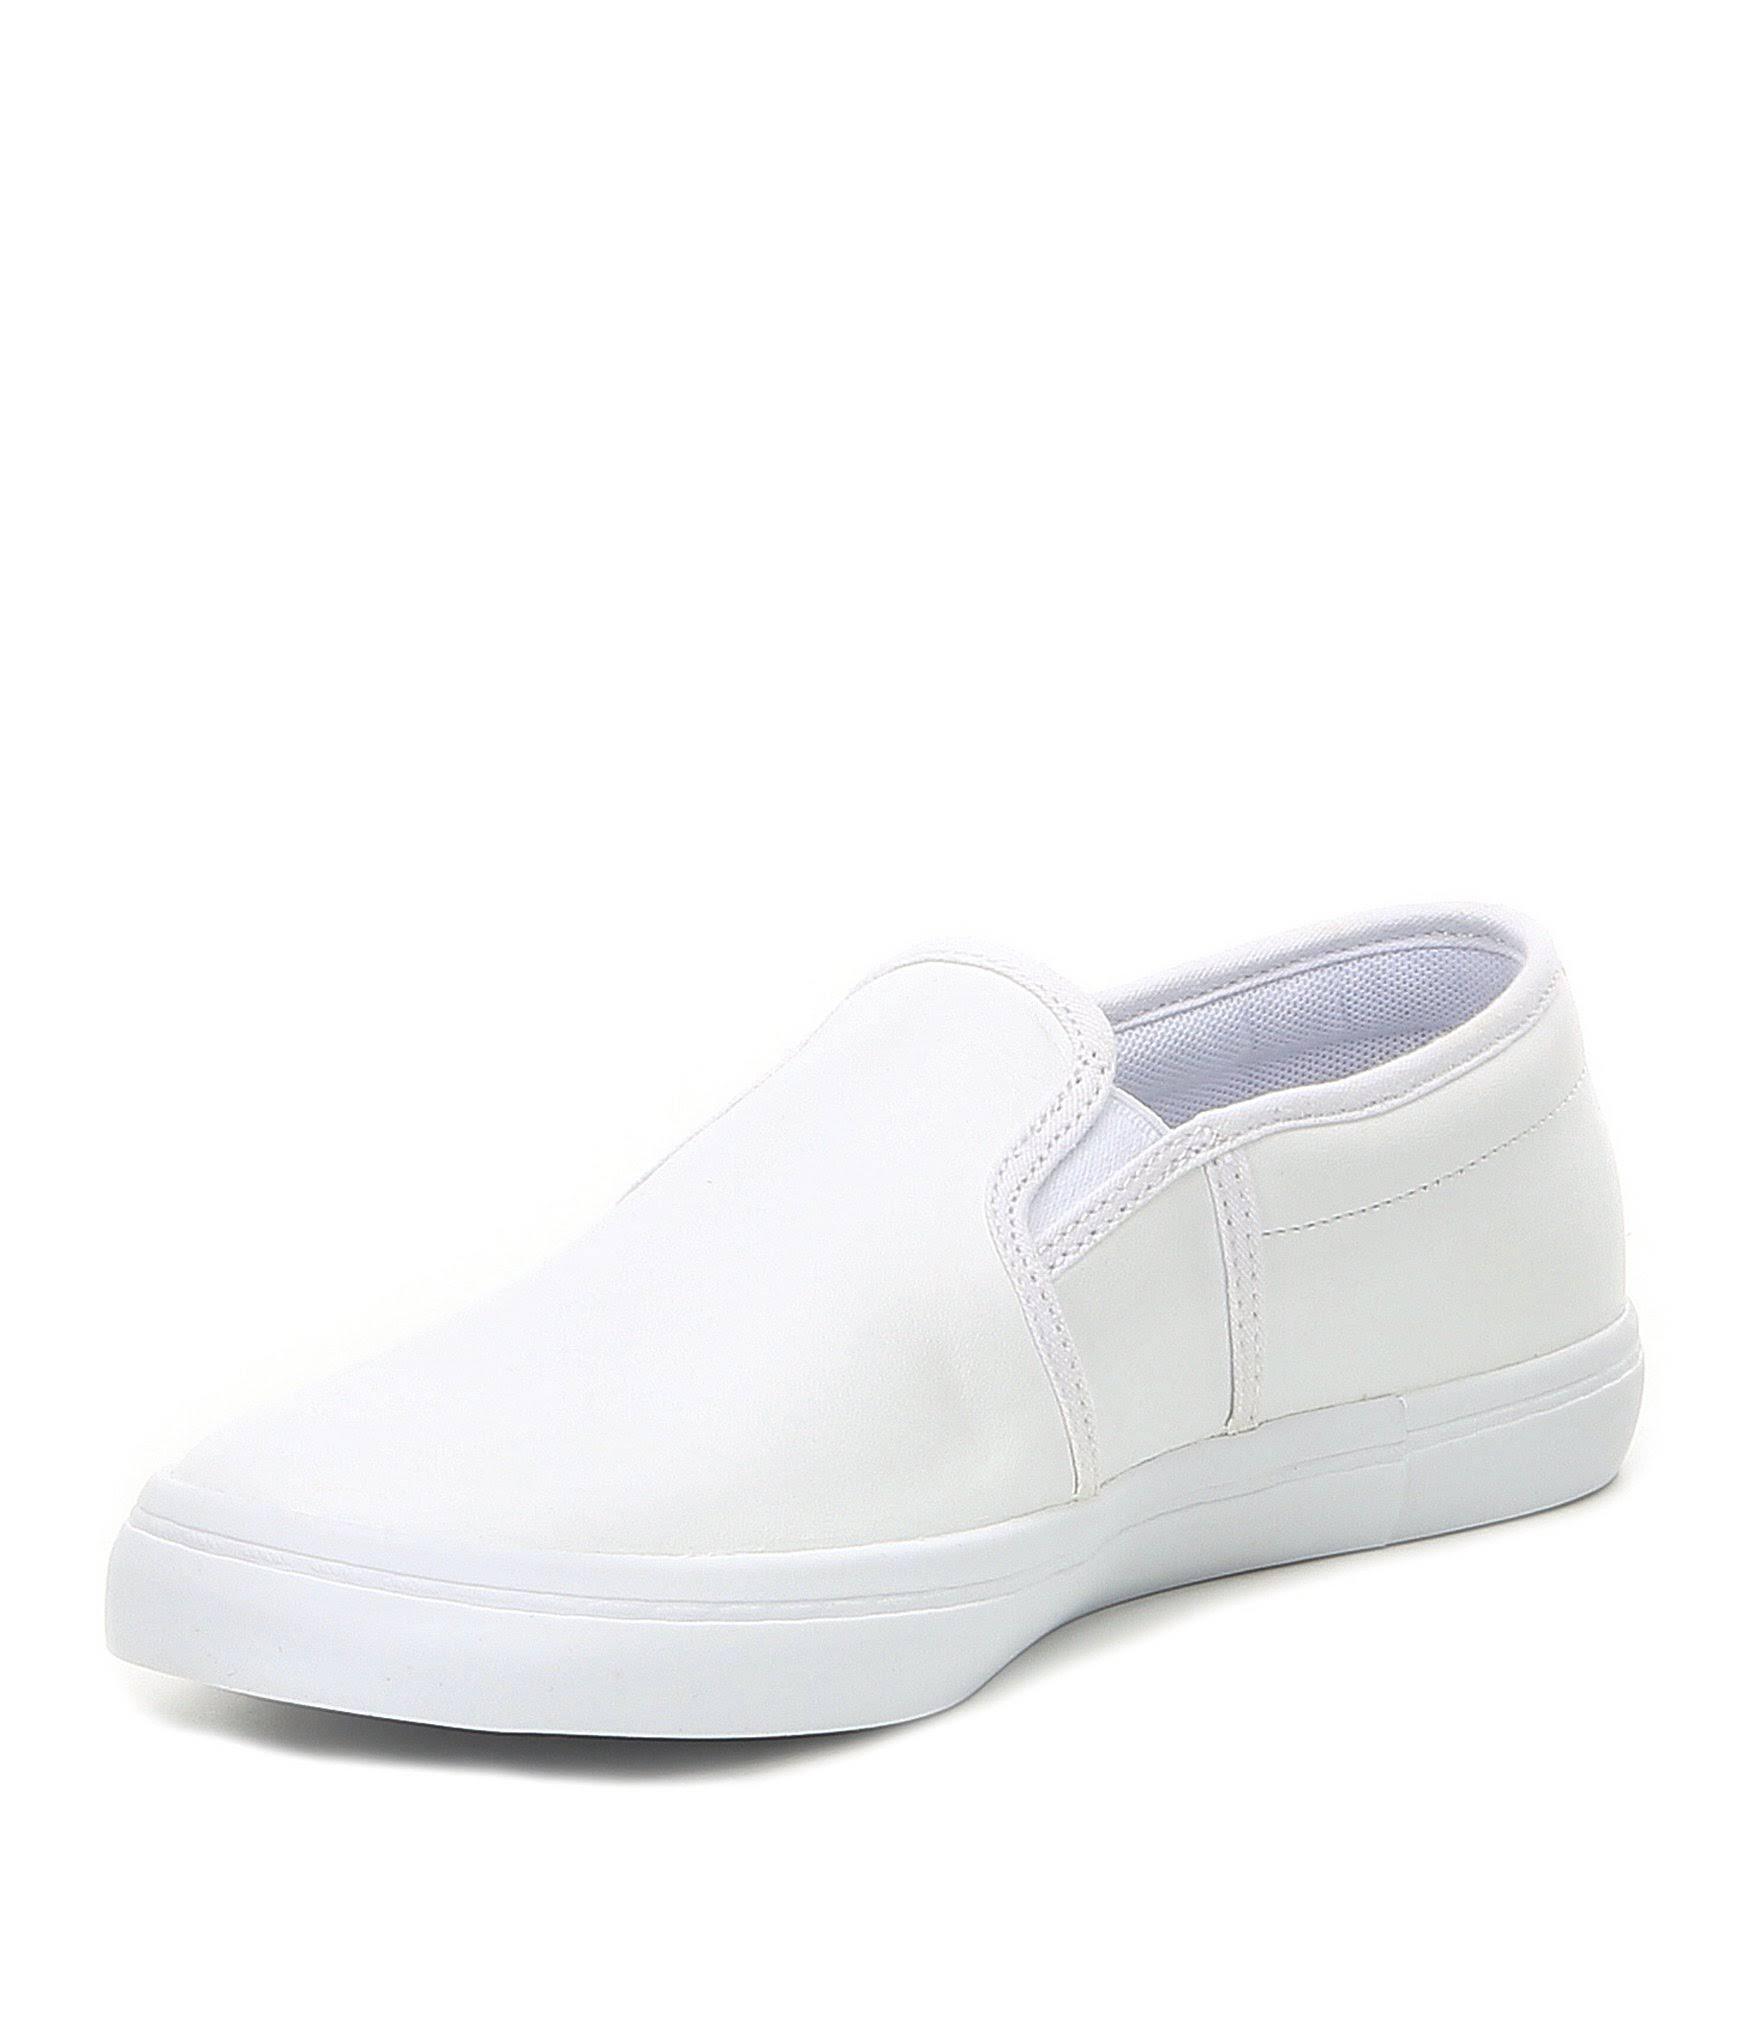 wht Bl Gazon In Womens Sneakers 732spw0137 White Lacoste 1 gqzw8AvxvE